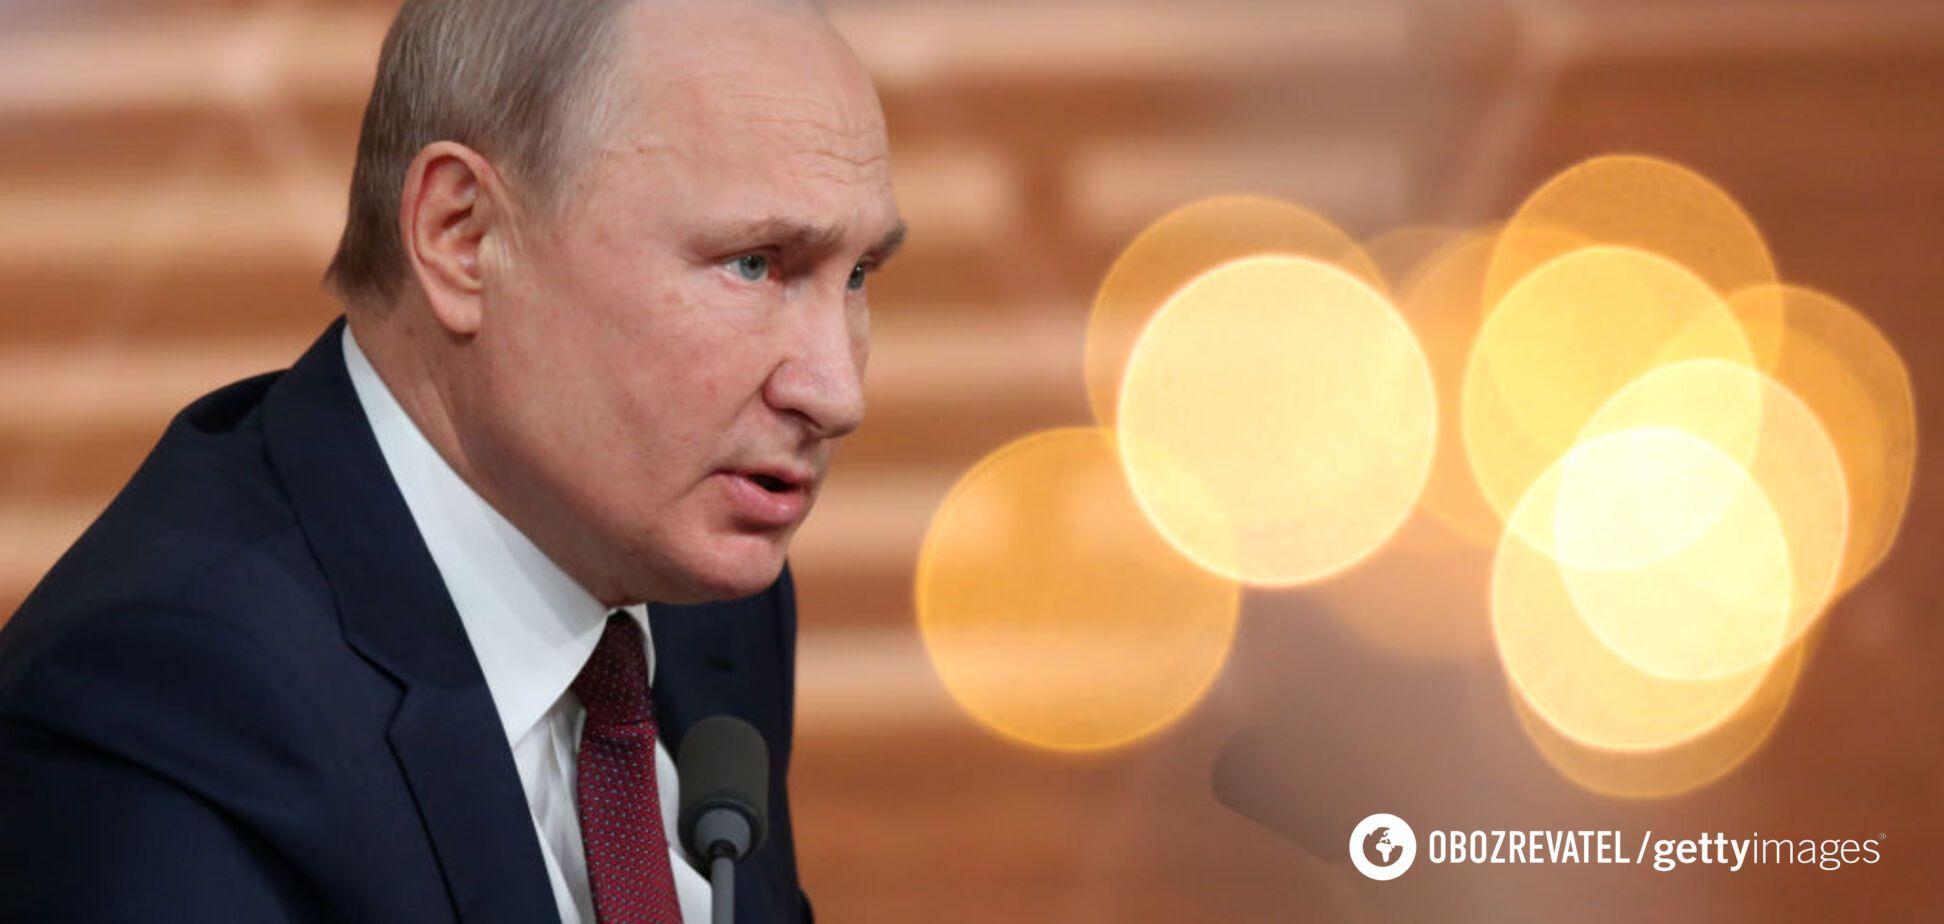 Парад без Зеленського, або Навіщо він Путіну?